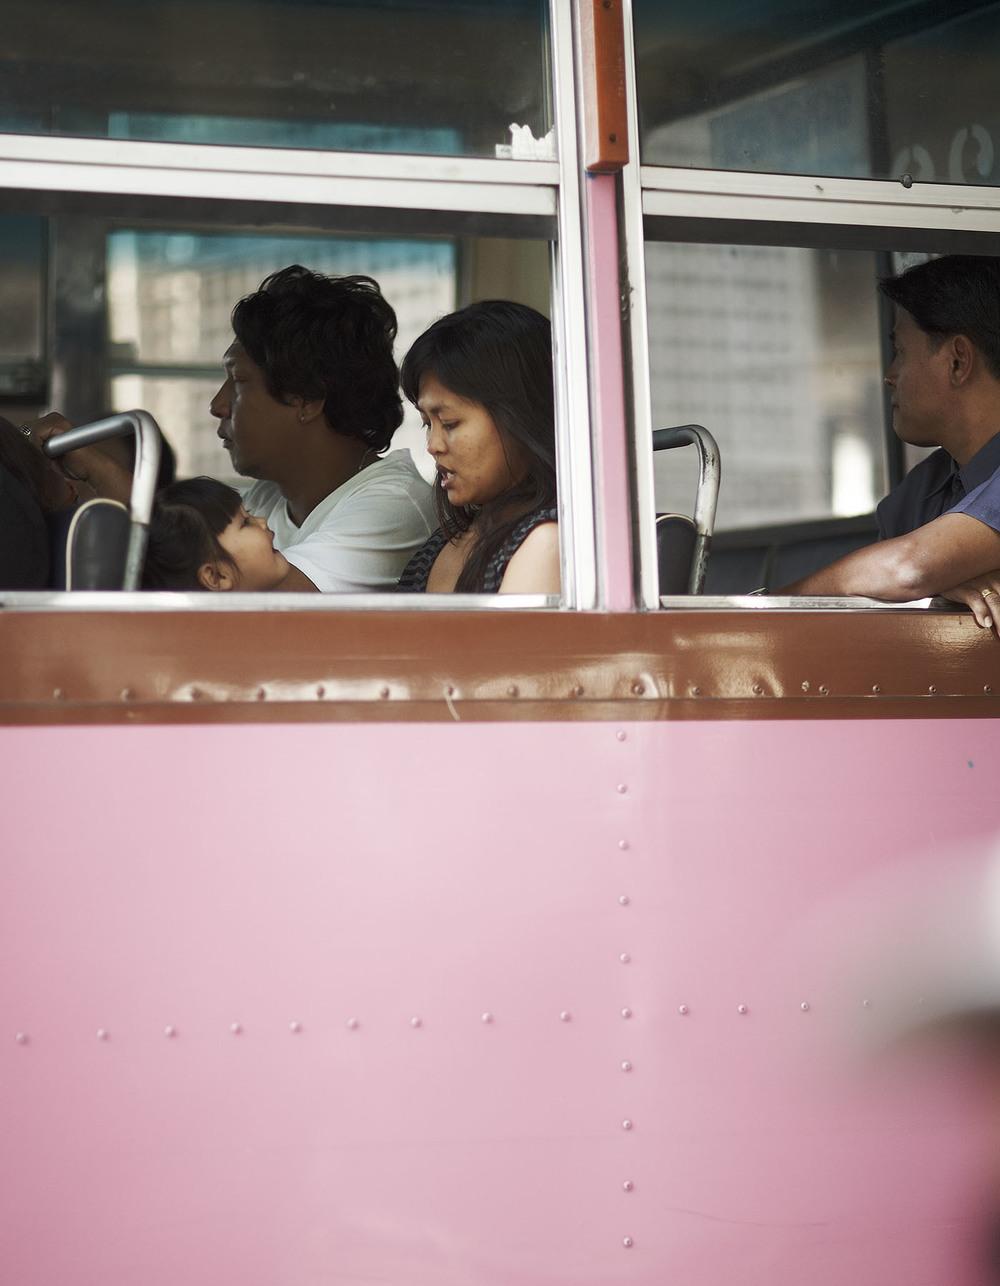 101216_Bangkok_people_0295.jpg